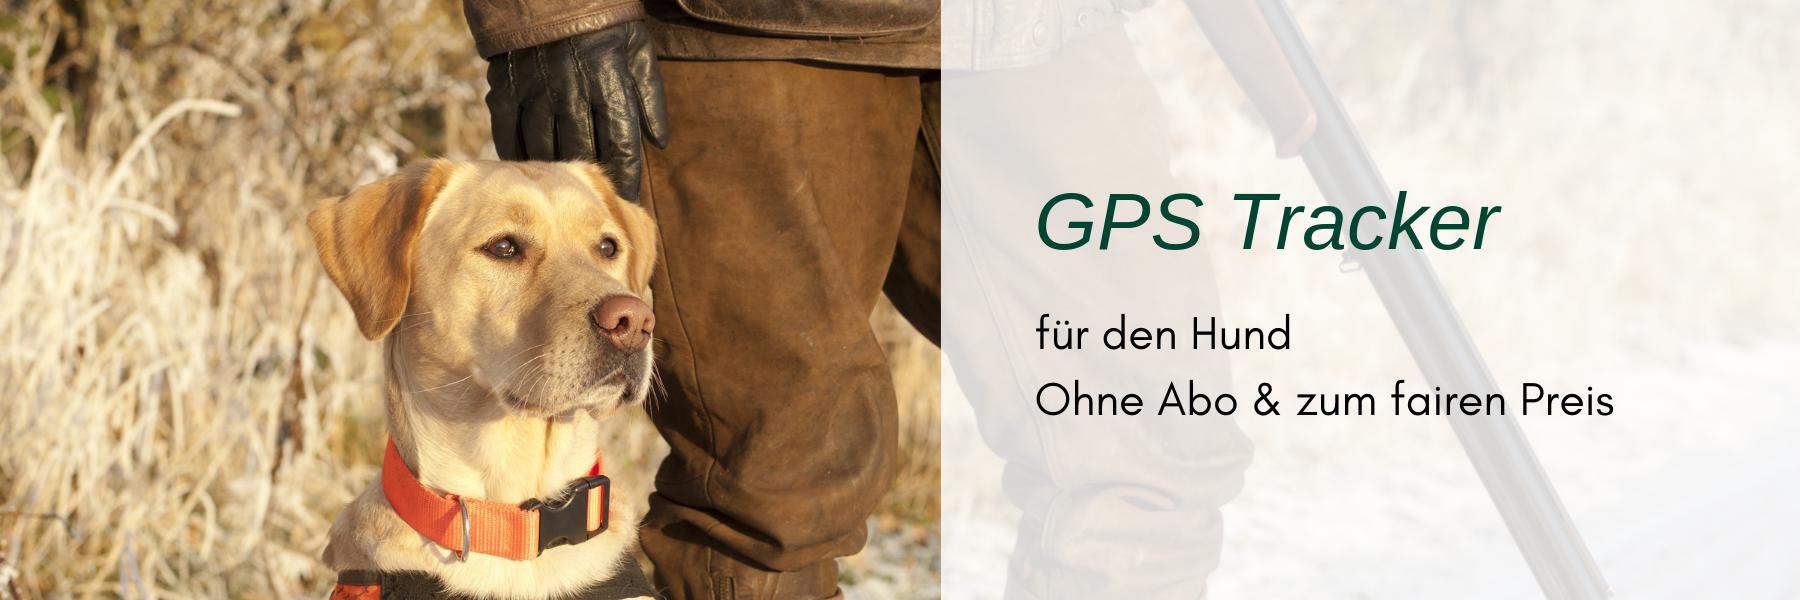 GPS Tracker für den Hund - ohne Abo und zum fairen Preis